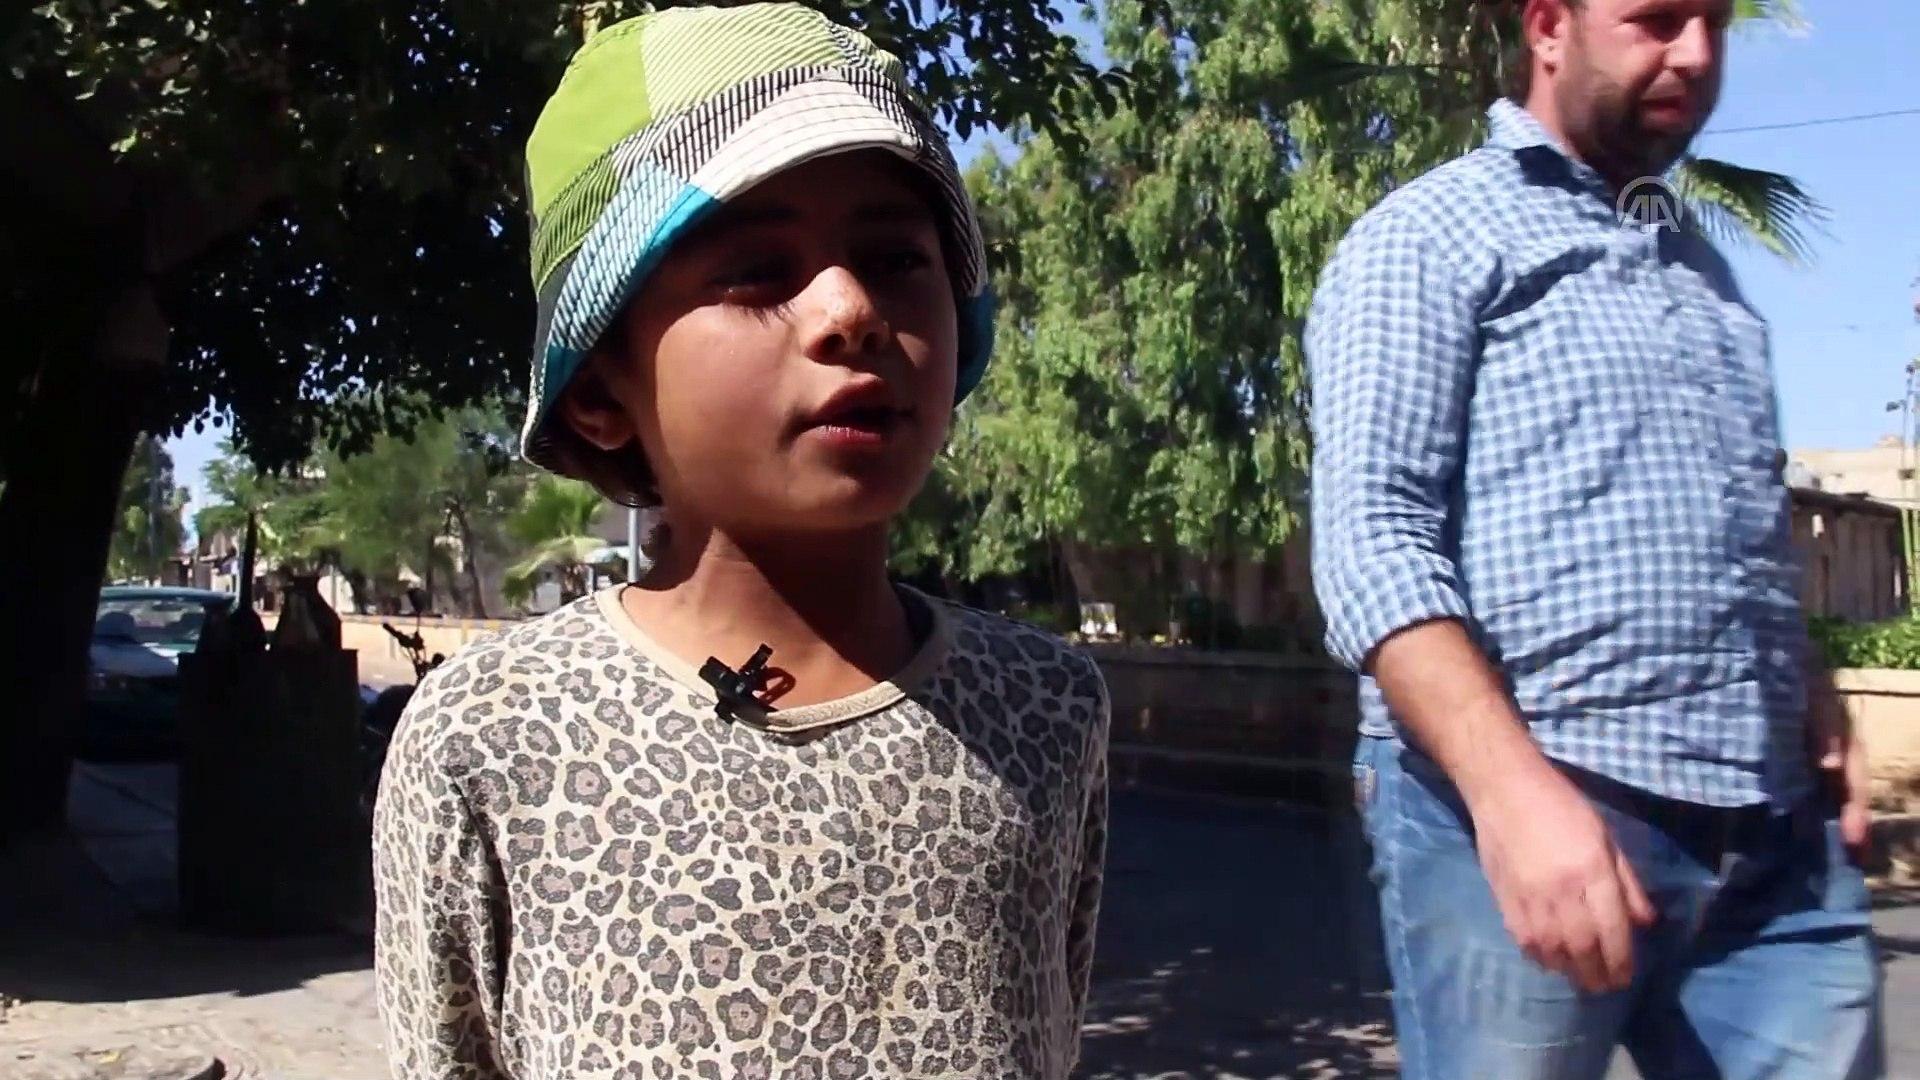 'Okula gitmeden önce aileme tek odalı da olsa bir ev tutmalıyım' - İDLİB